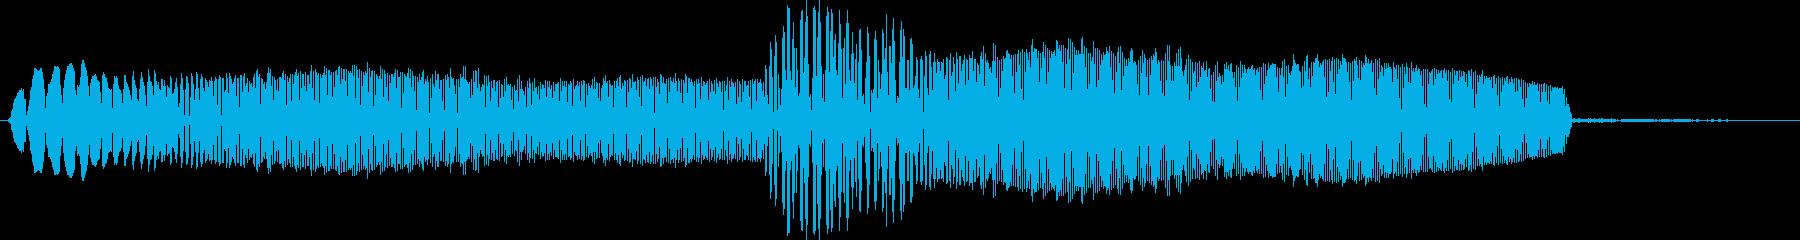 キュピ 選択音 システム音の再生済みの波形